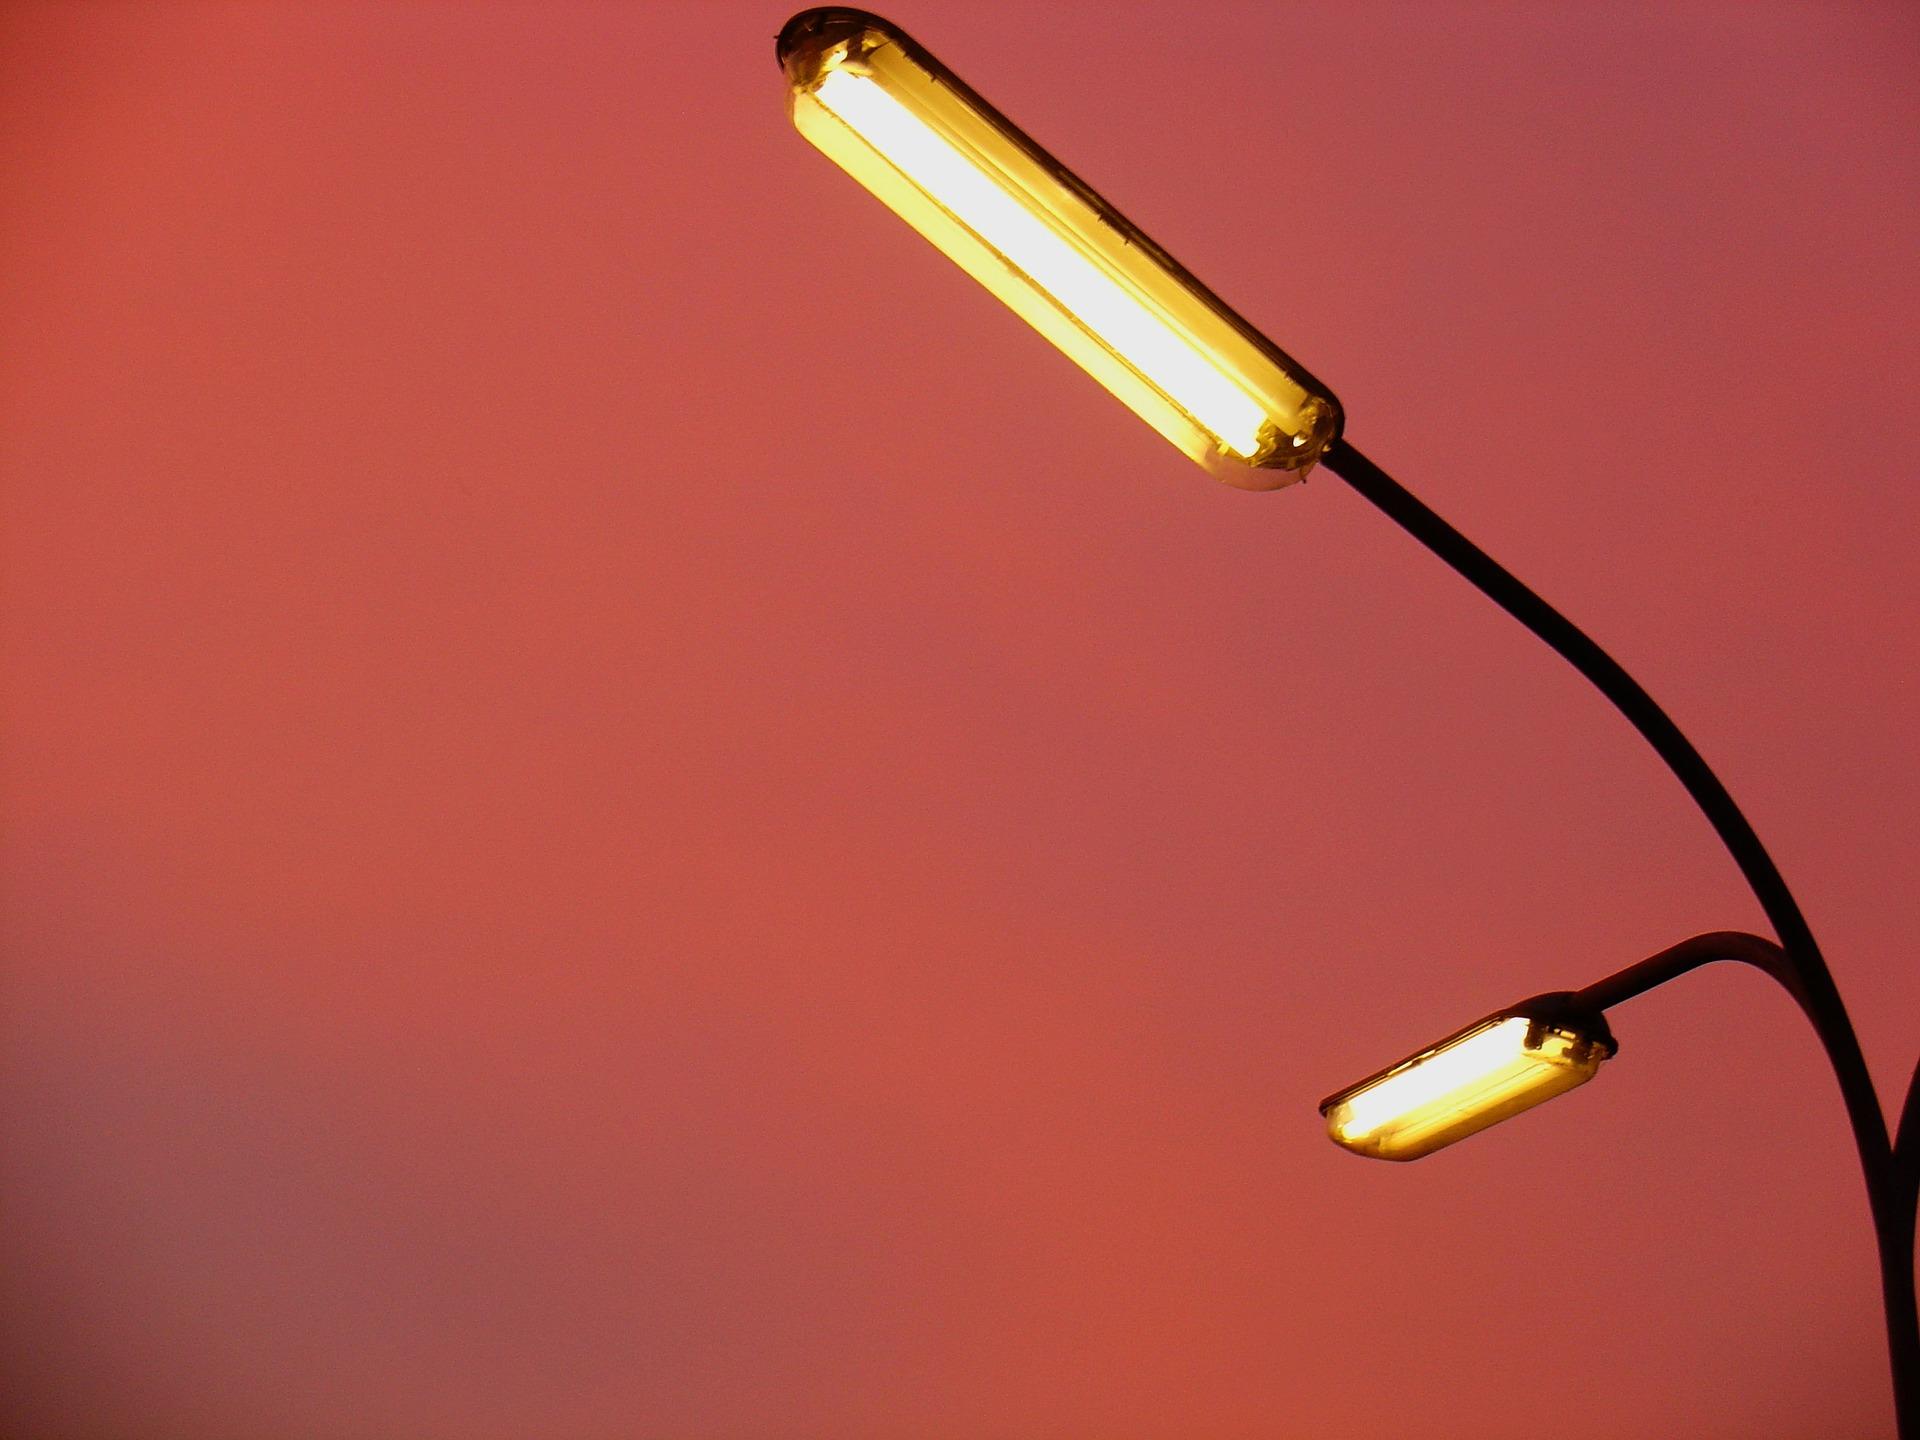 Vulyci Dnipra perejduť na LED-lihtari